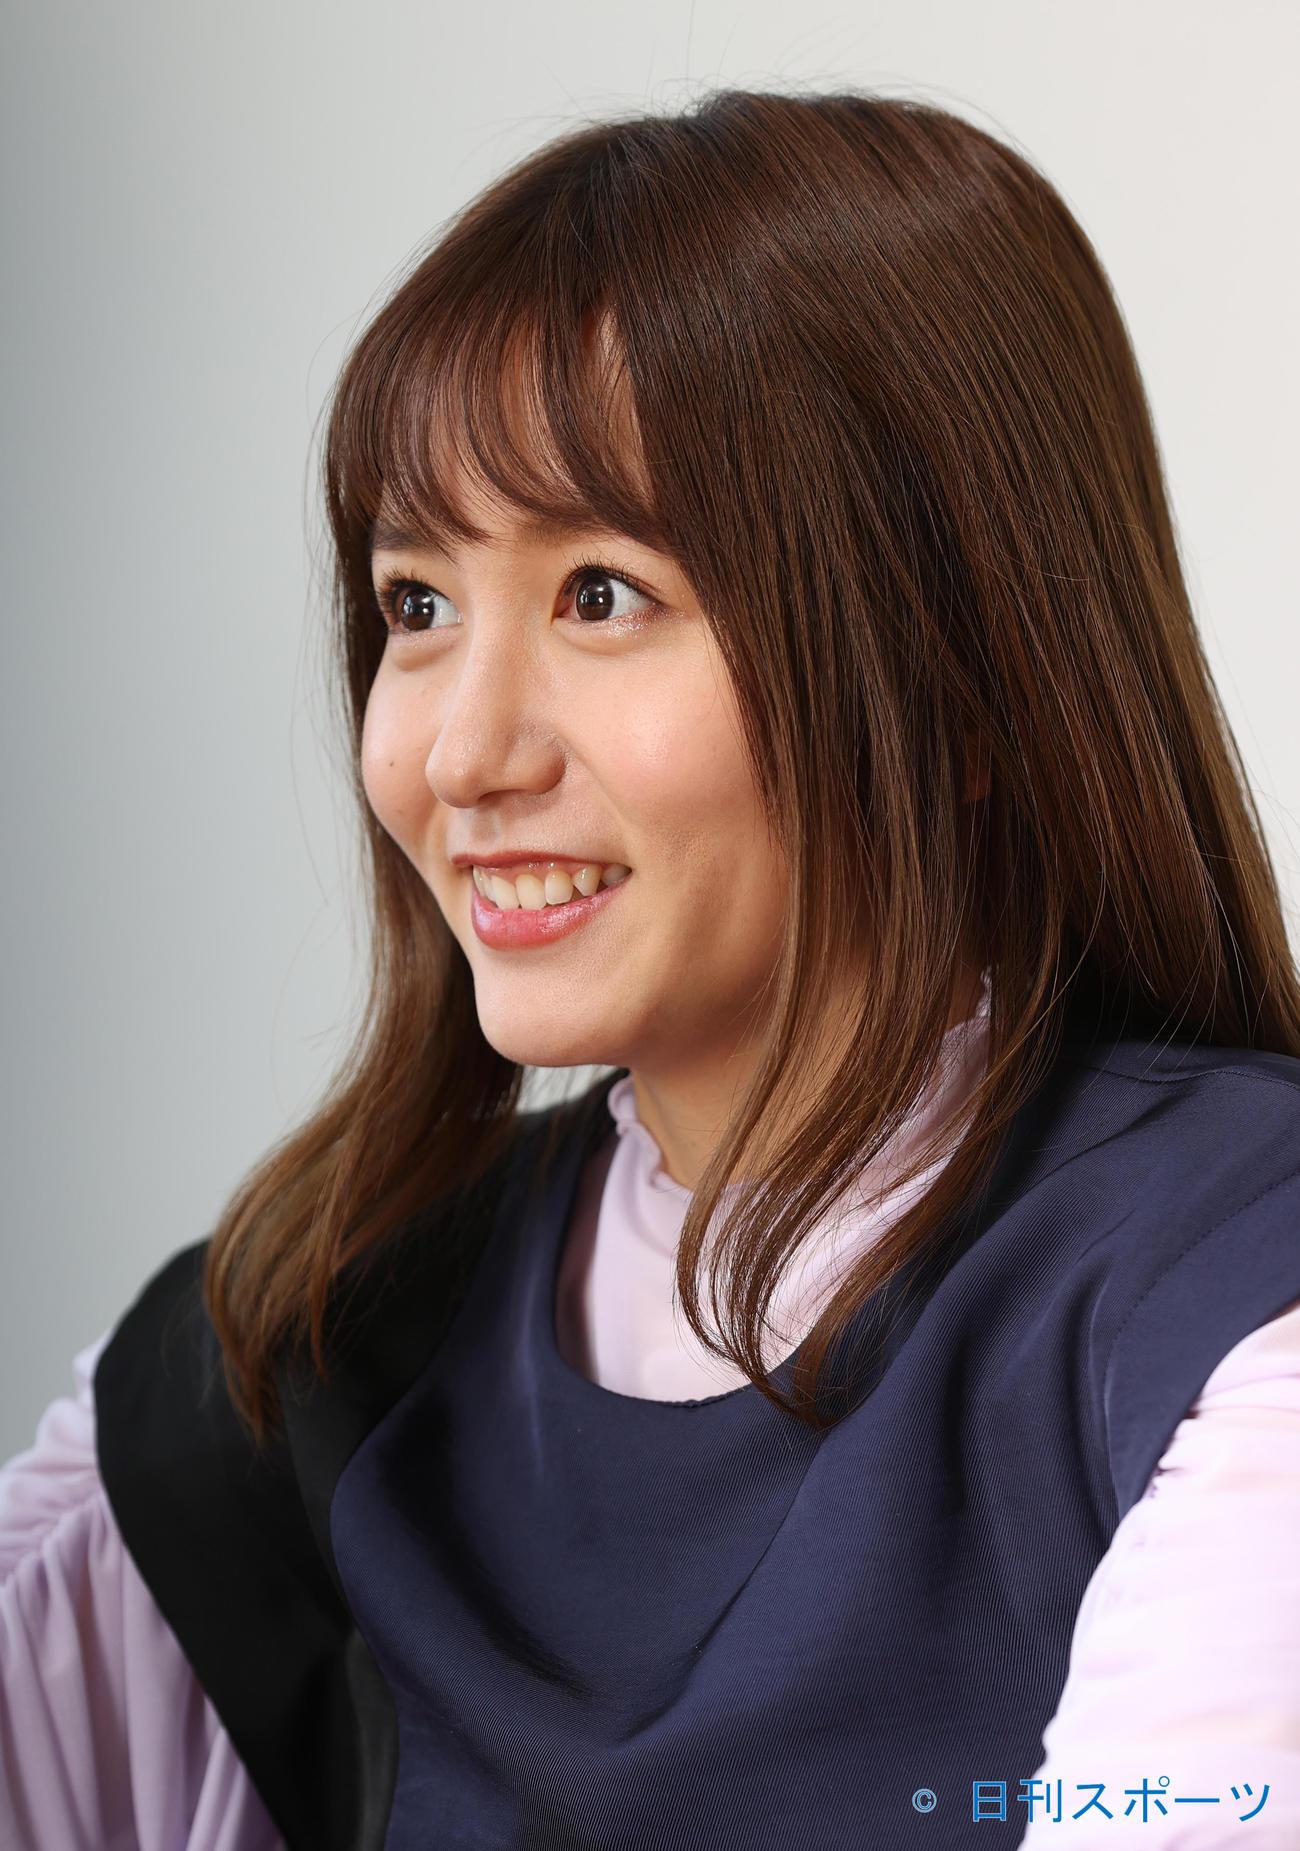 笑顔で取材に応じるSKE48の大場美奈(撮影・河野匠)